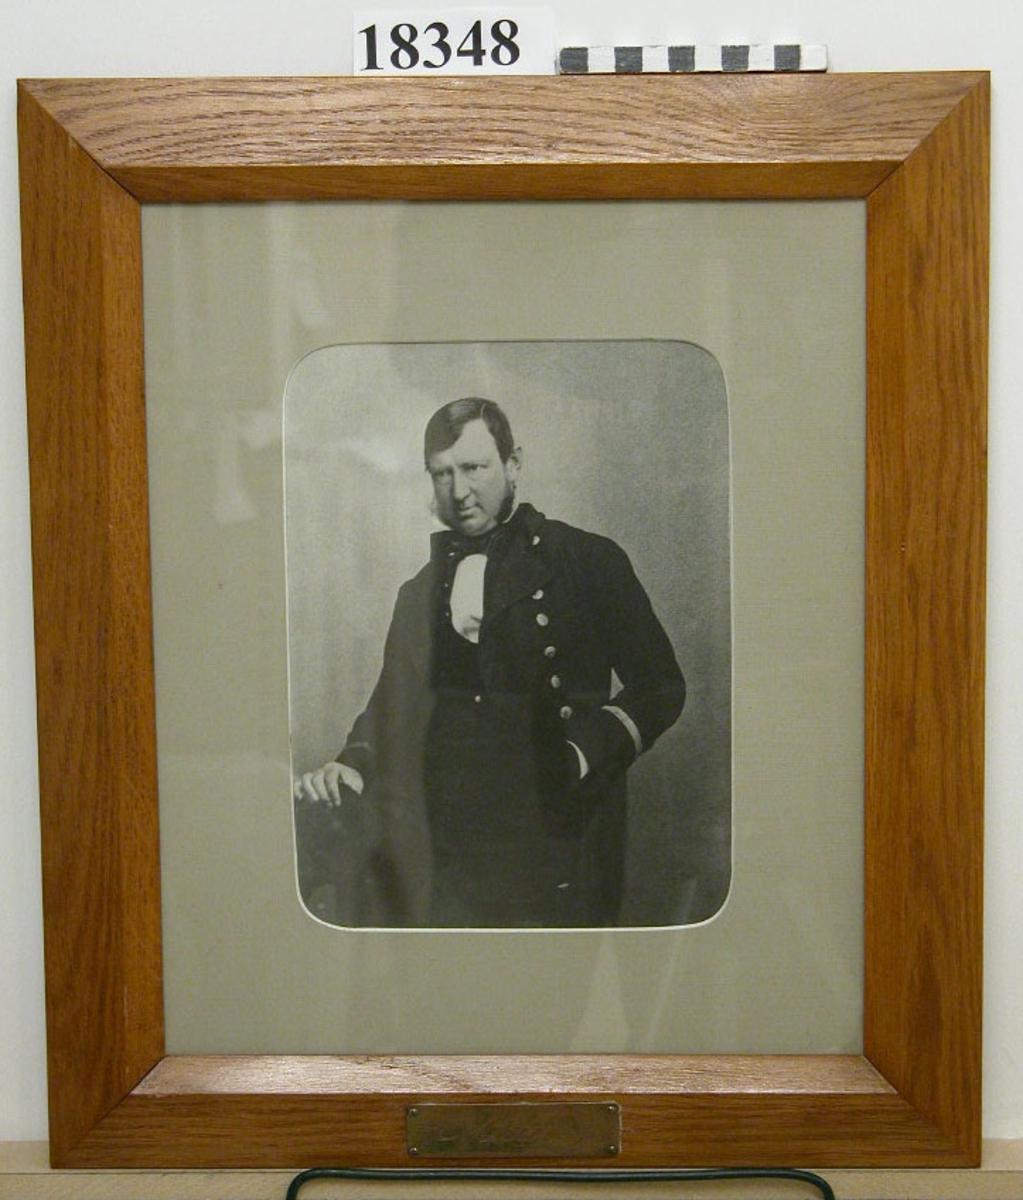 """Fotografi inom glas och ram föreställande B.J. Adelborg. Man sittande på stol klädd i uniform. Passepartout  B = ca 50 mm. Ram av ljus ek fernissad, profilerad. Nederst mässingsbricka med graverat namn efter namnteckning: """"B.J. Adelborg"""". Baksida kartong försedd med text: """" B.J Adelborg född d. död d. CADK 1858-63 """". Neg.nr A 376 4:25"""